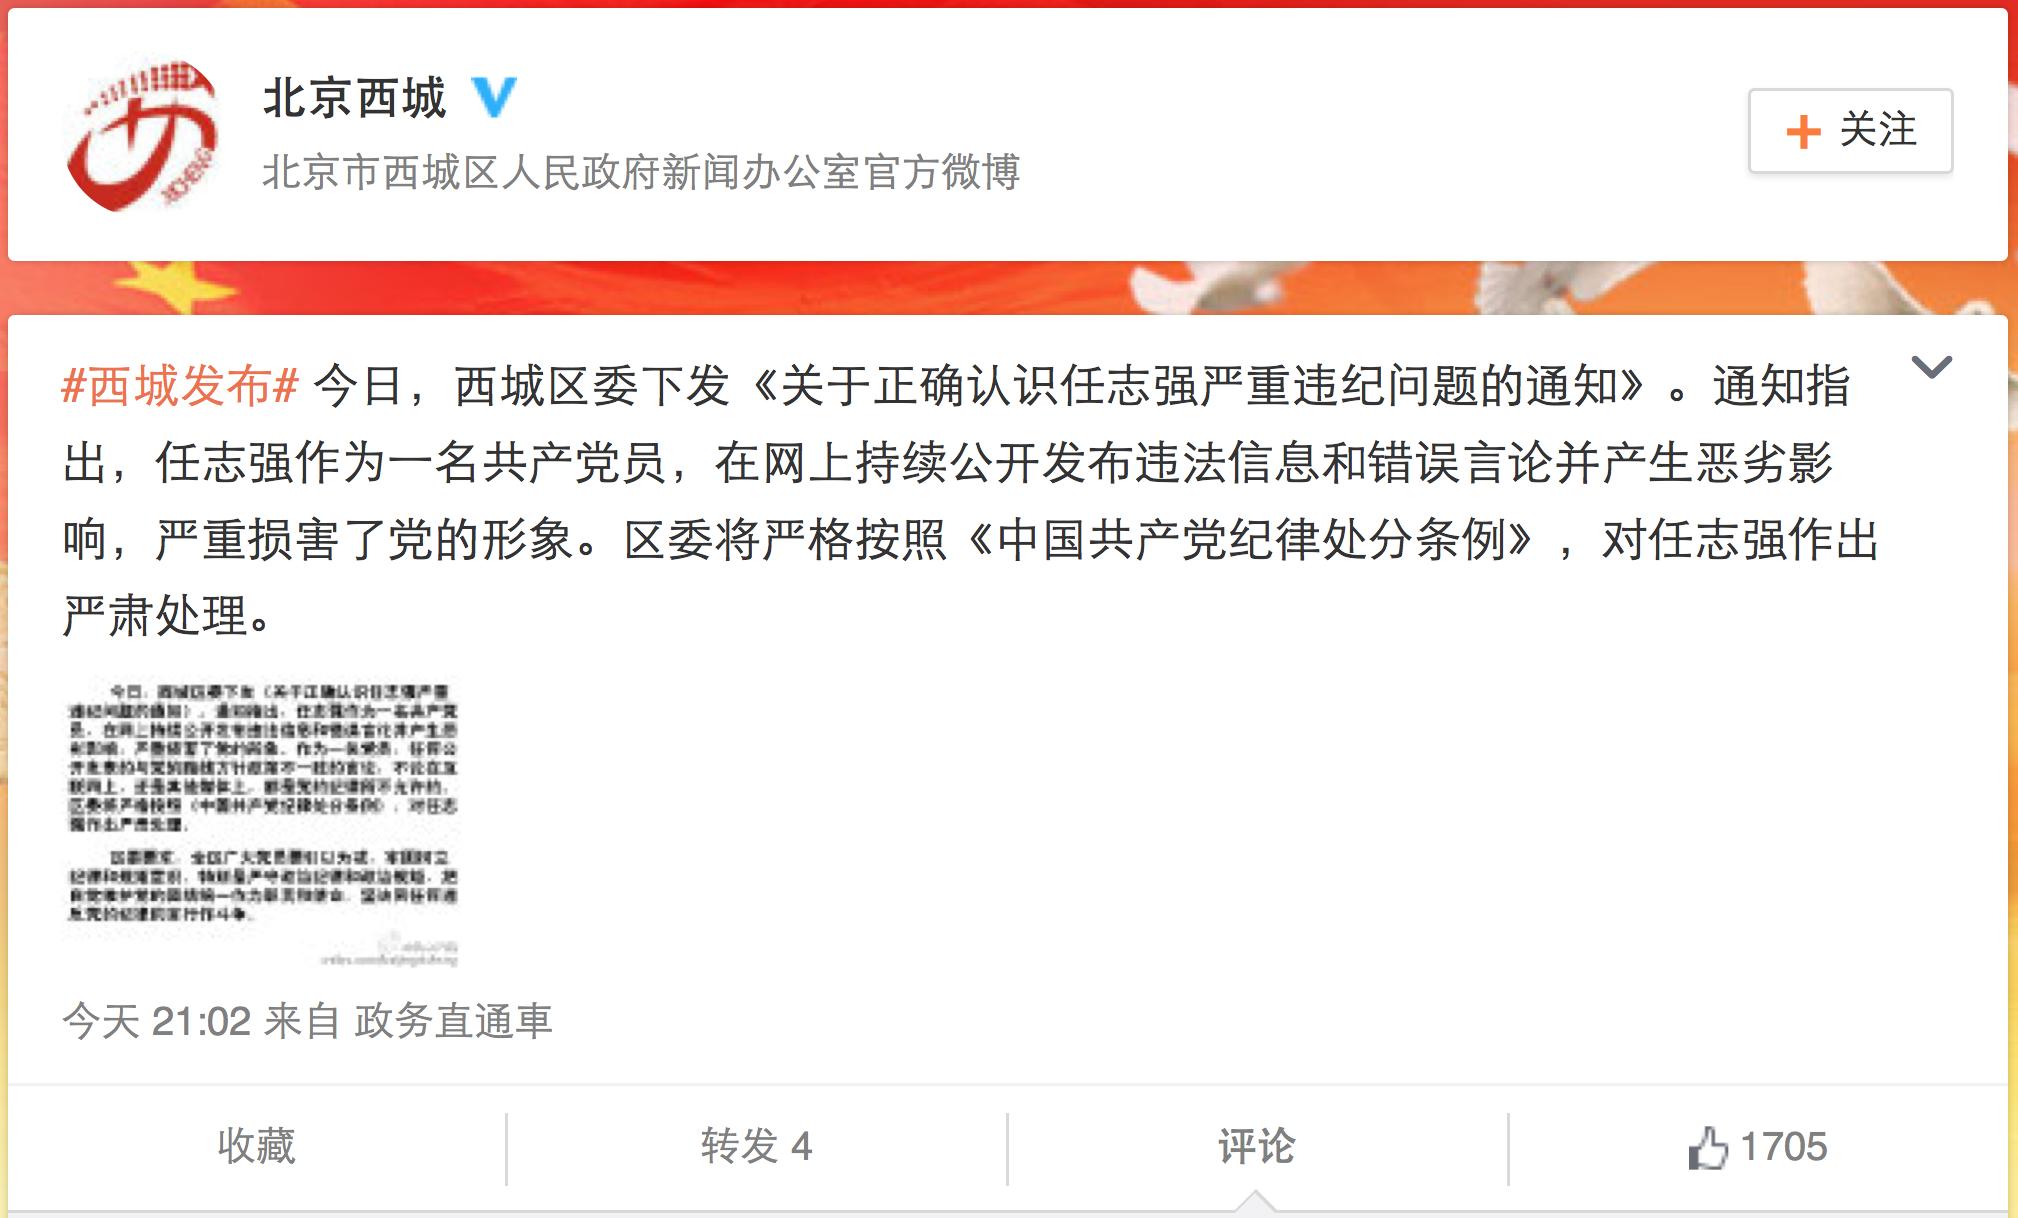 北京西城区委发布的微博无法评论、转发